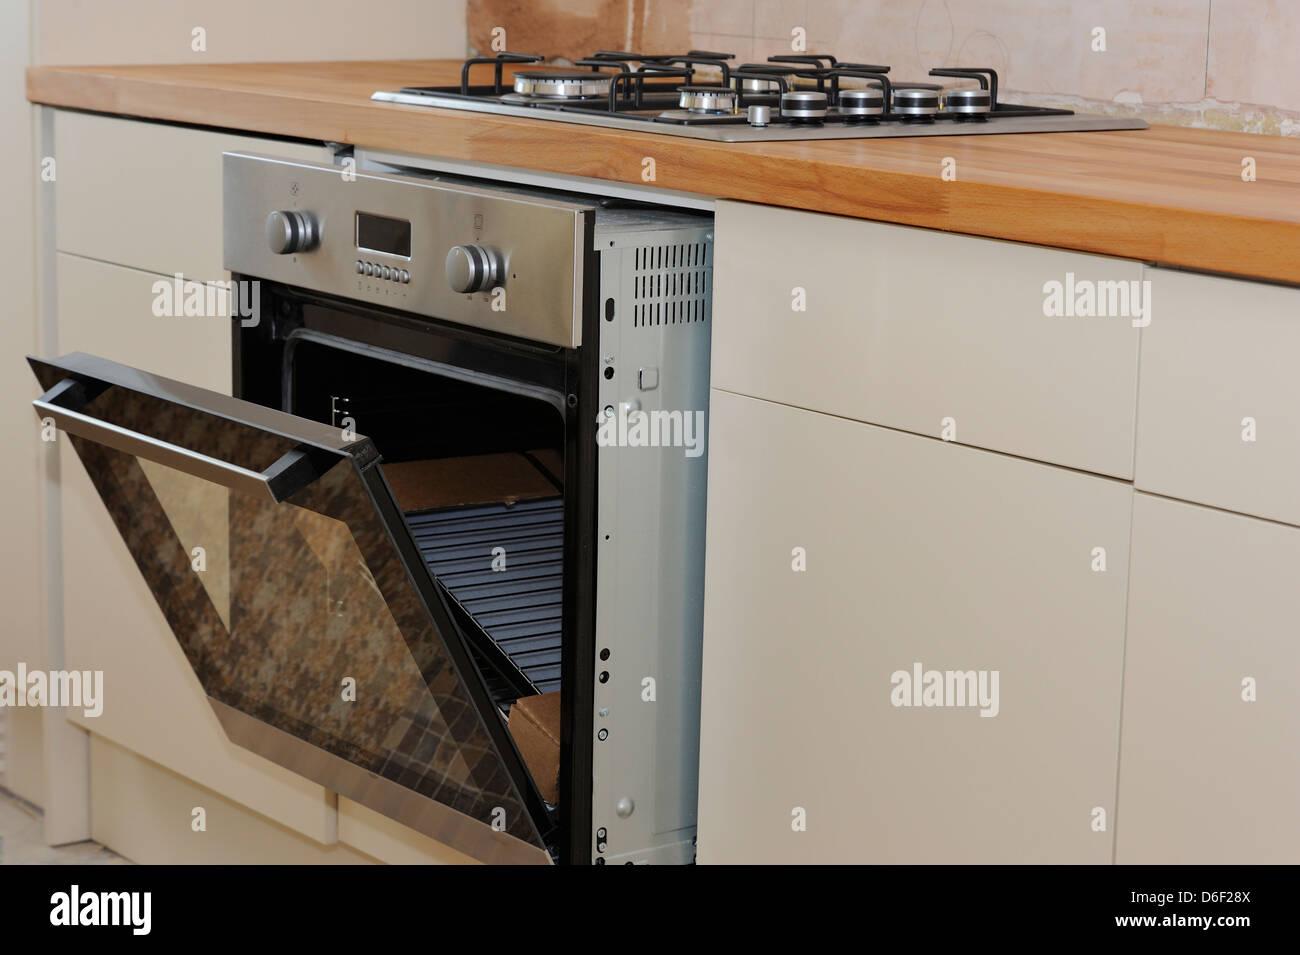 kochfeld und backofen backofen ohne kochfeld backofen ohne ceranfeld anschliessen. Black Bedroom Furniture Sets. Home Design Ideas